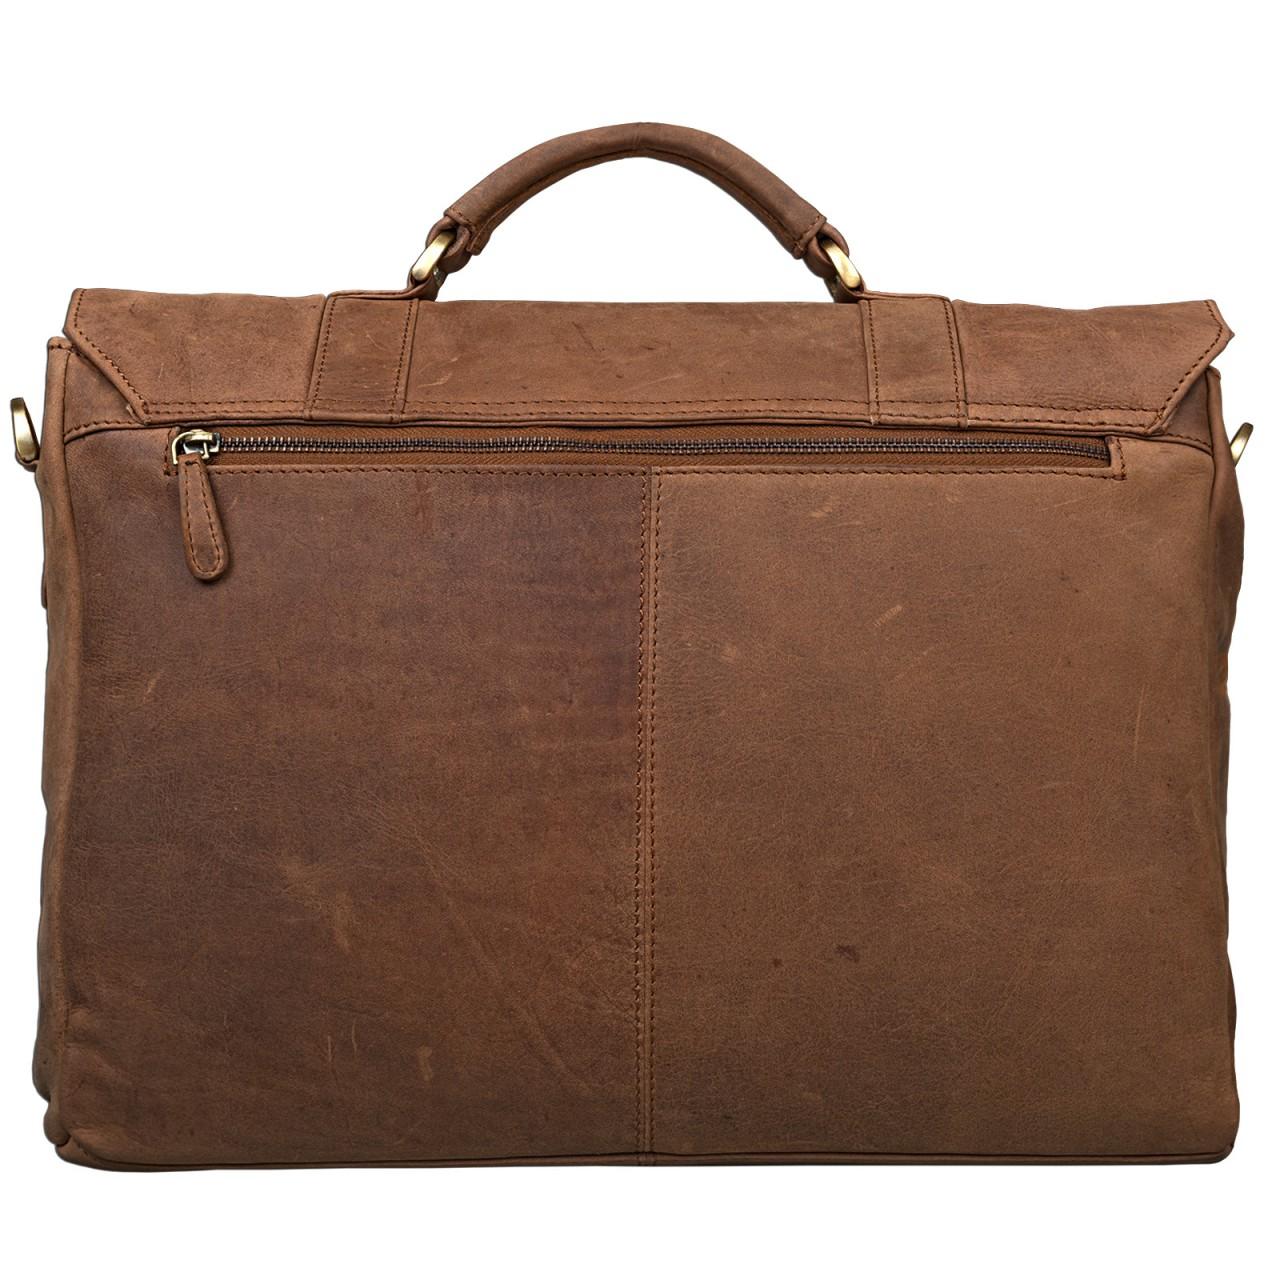 STILORD Umhängetasche 15,6 Zoll Laptoptasche Schultertasche Unitasche Bürotasche Arbeit Lehrer MacBooks Notebooktasche Leder Cognac braun - Bild 5